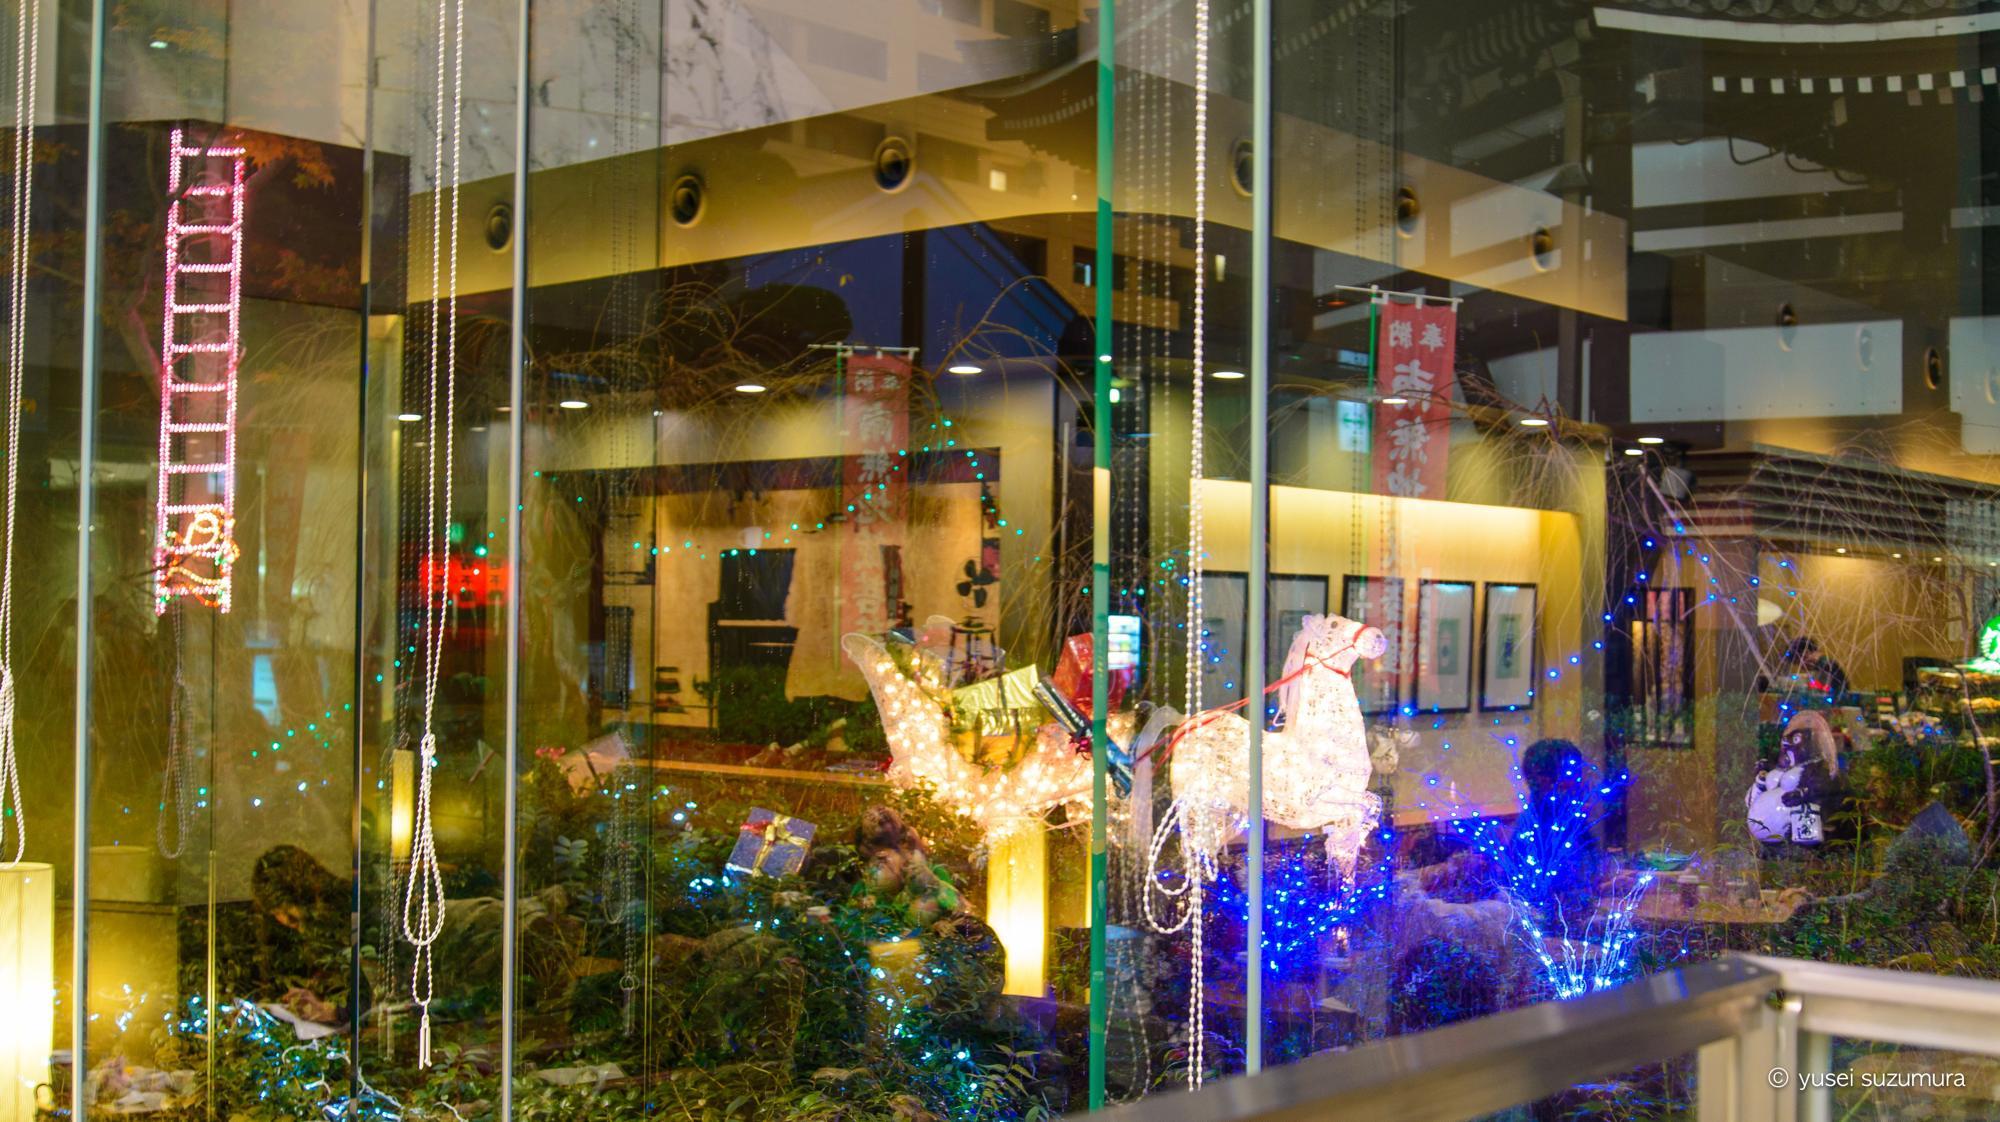 スターバックス六角堂の夜のライトアップ